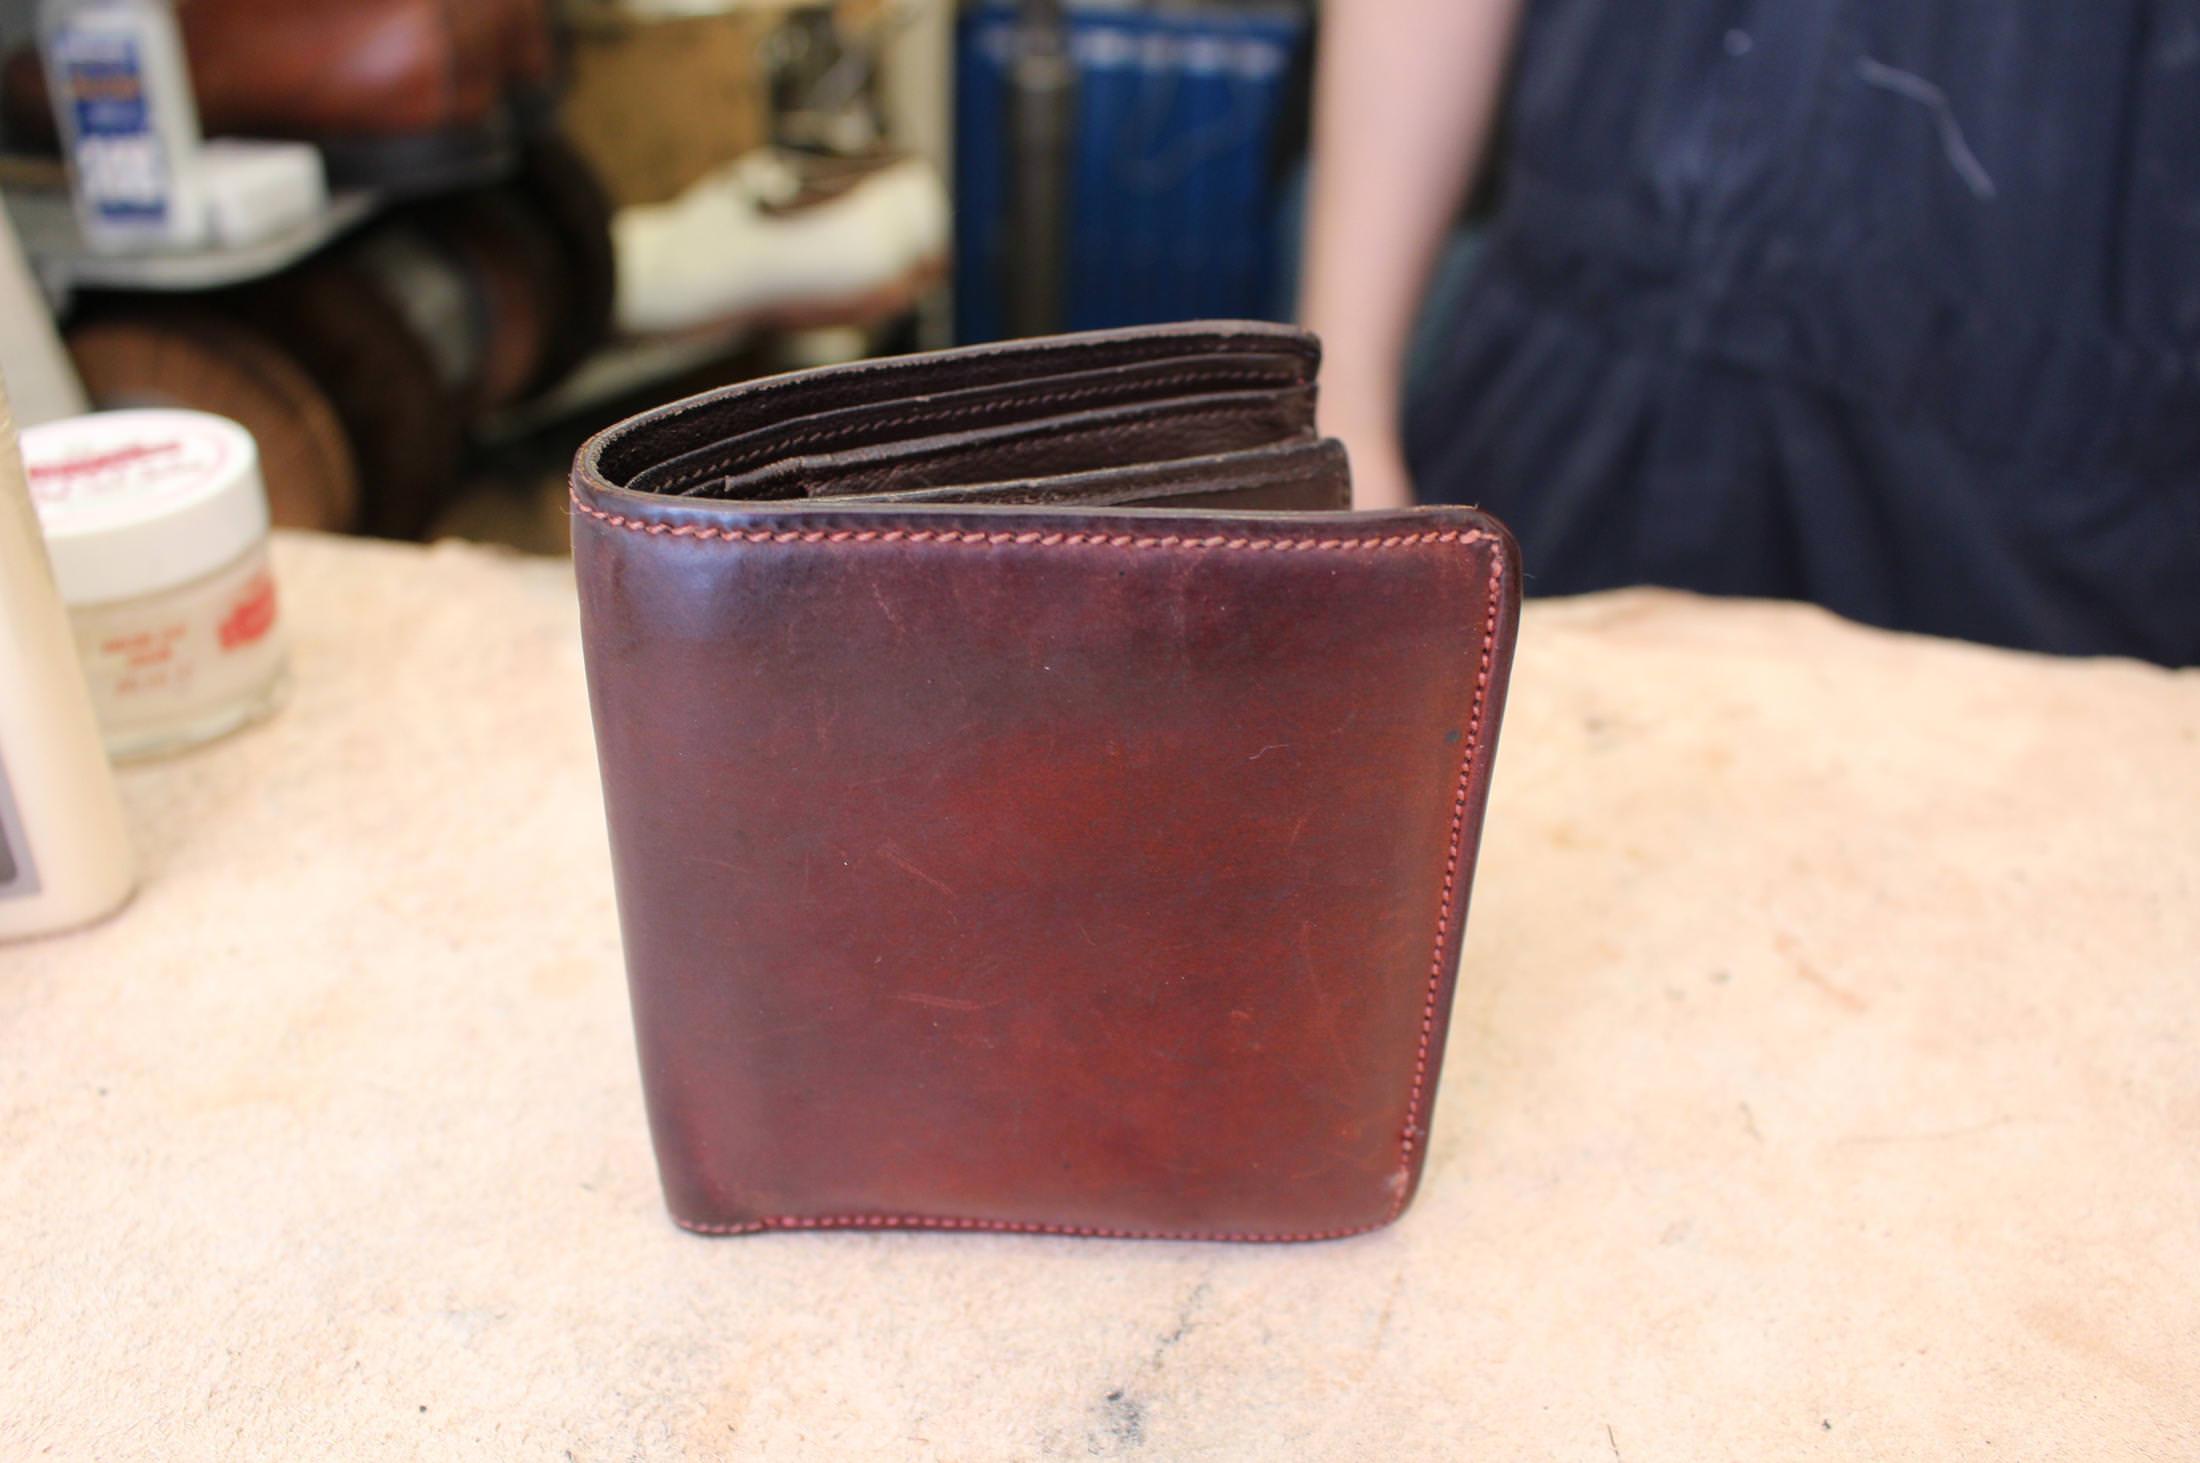 caee69ccca2c 革の財布をポケットに入れたまま洗濯しちゃった!? 革ケア失敗の対処法 ...